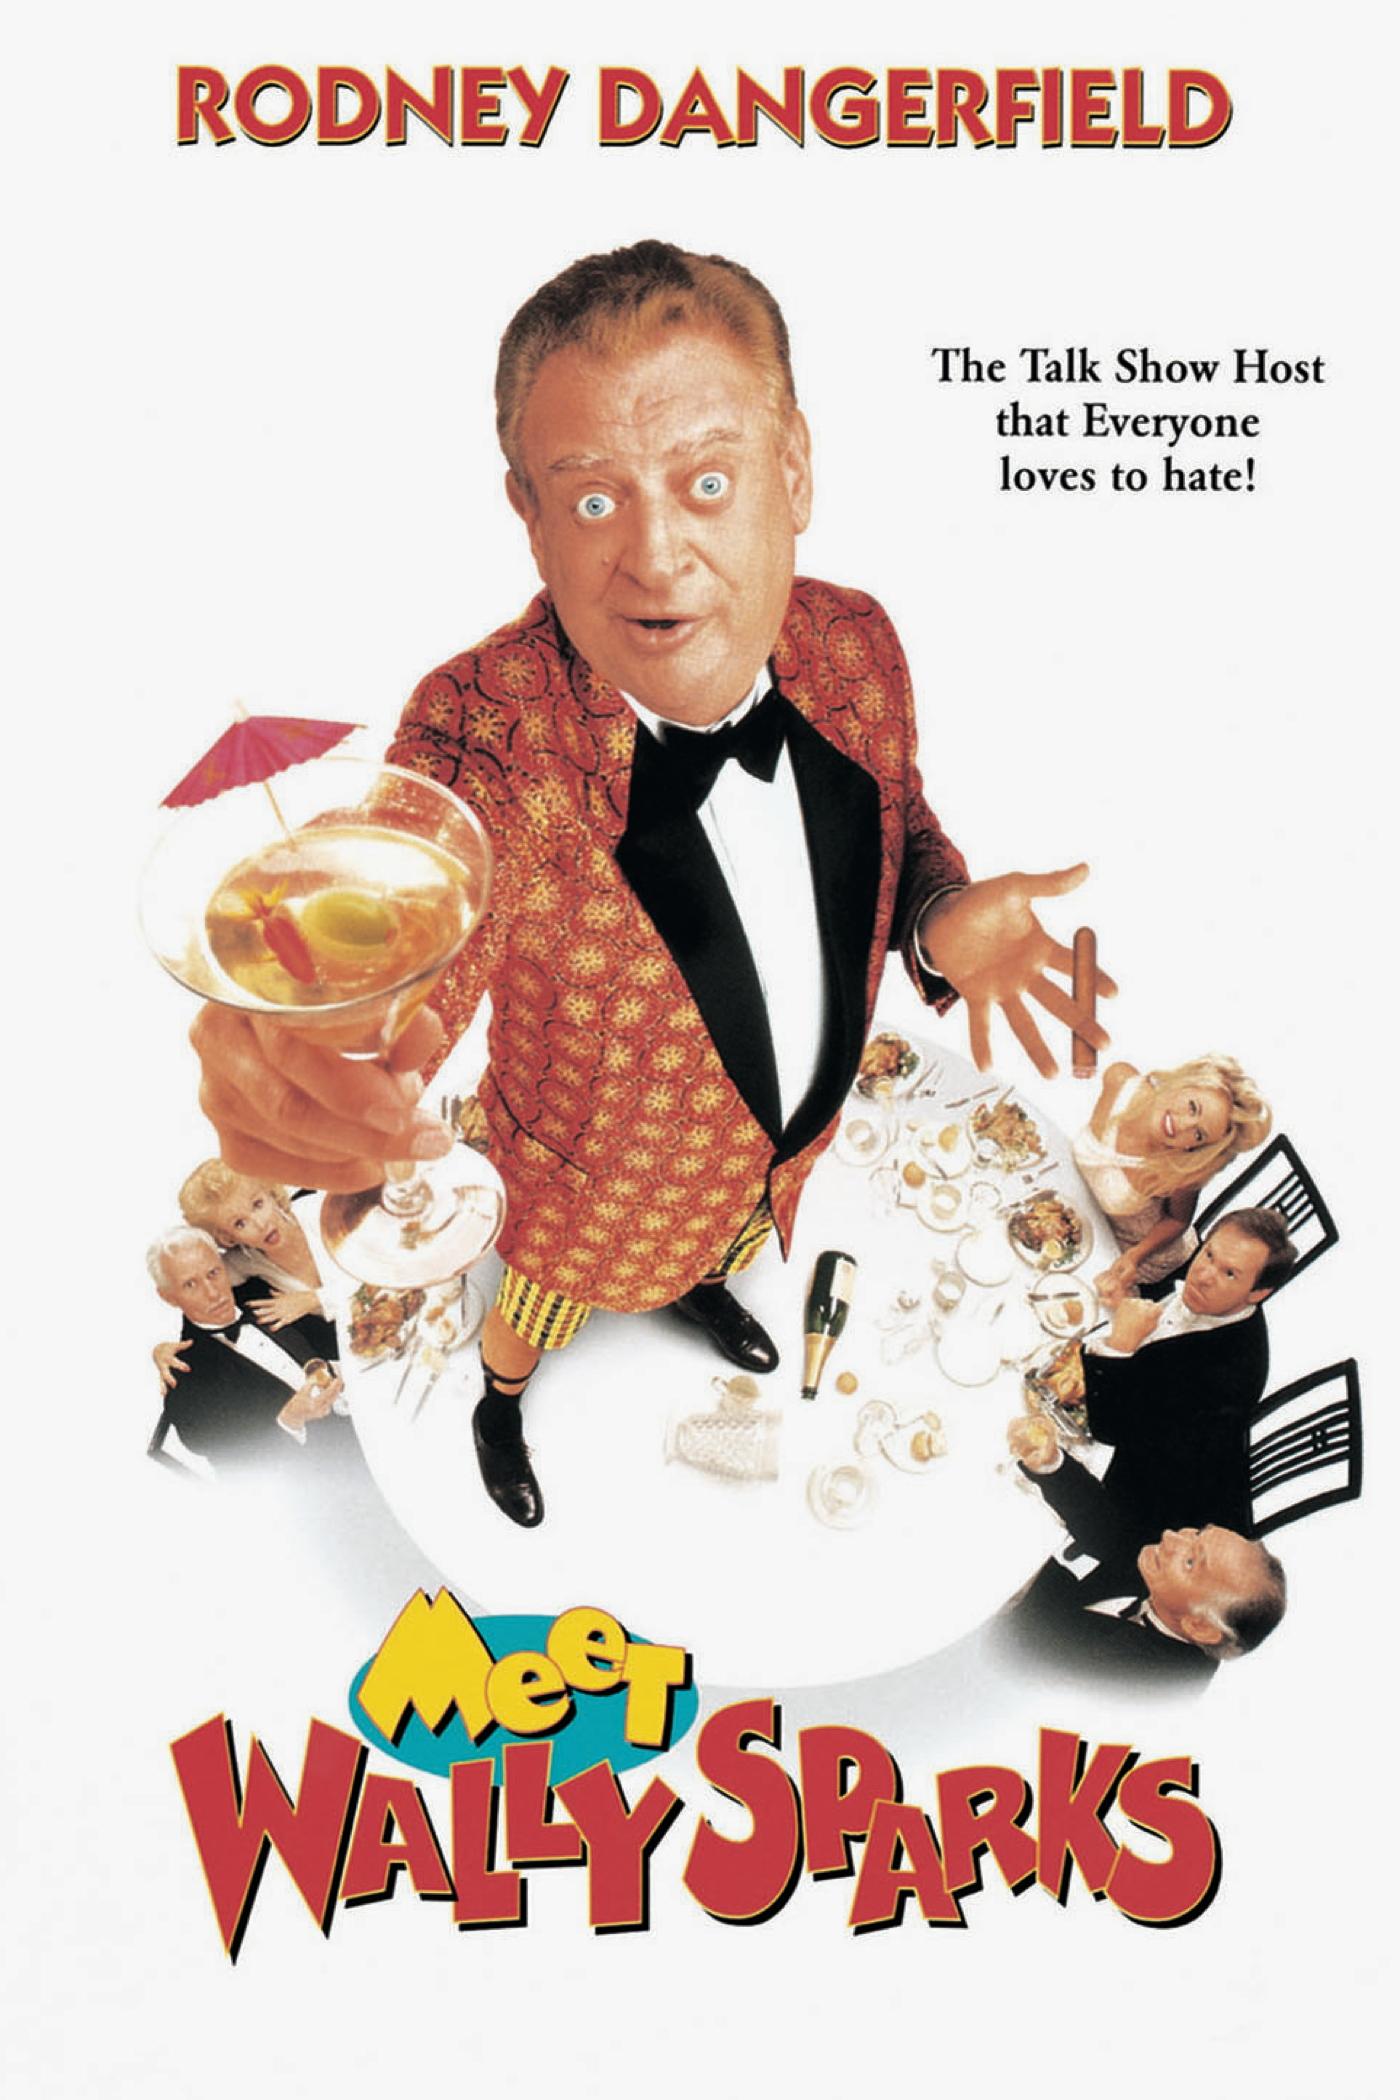 გაიცანი უოლი სპარქსი (ქართულად) - Meet Wally Sparks (1997)